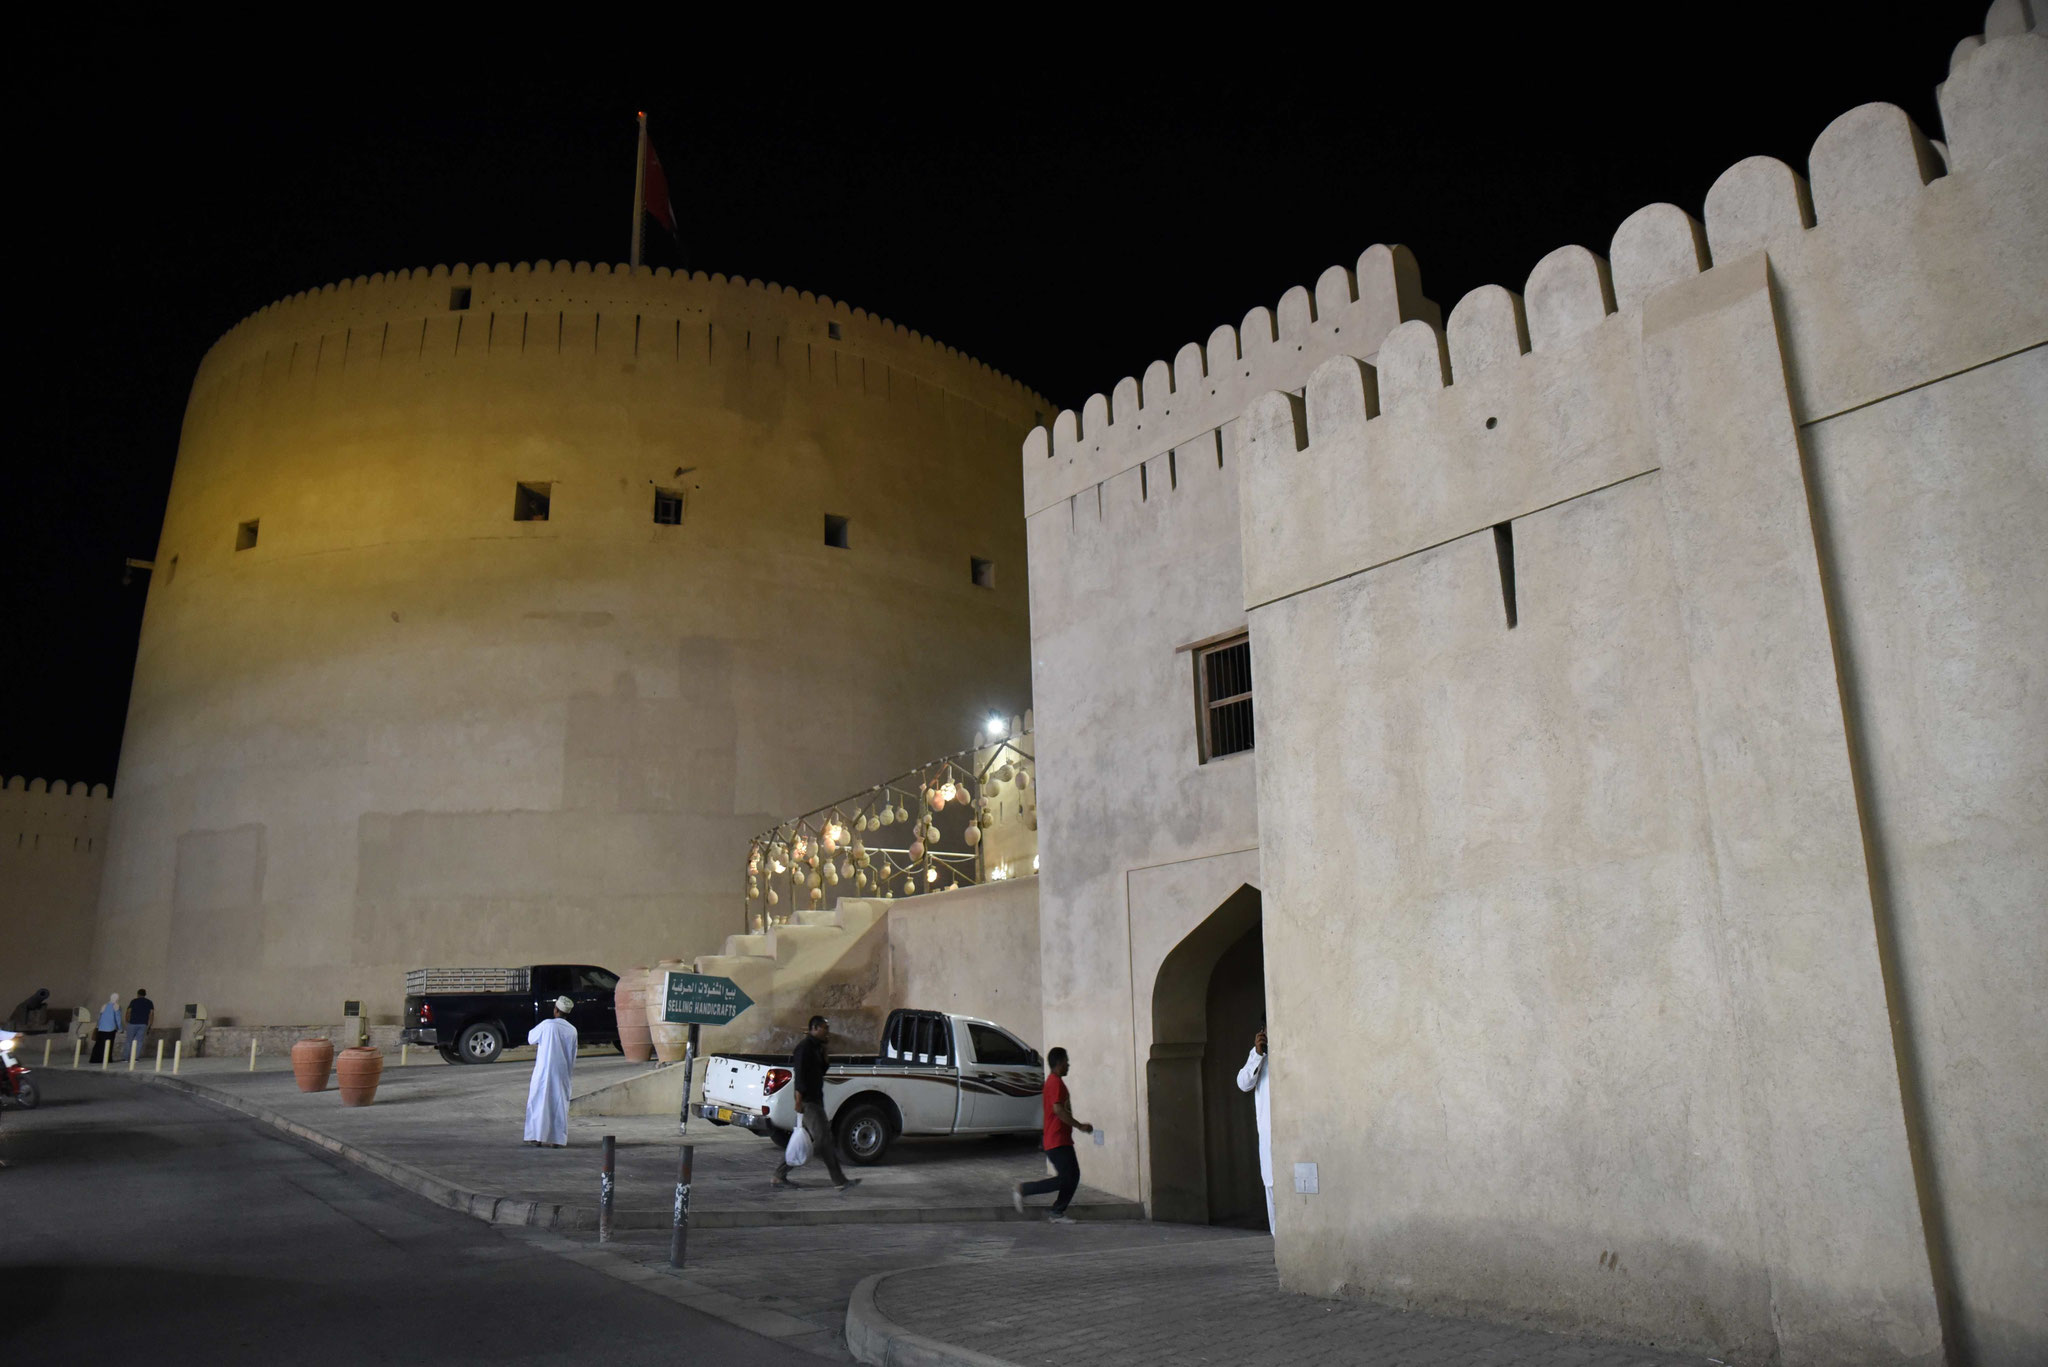 Das Fort bei Nacht vom Bazar betrachtet